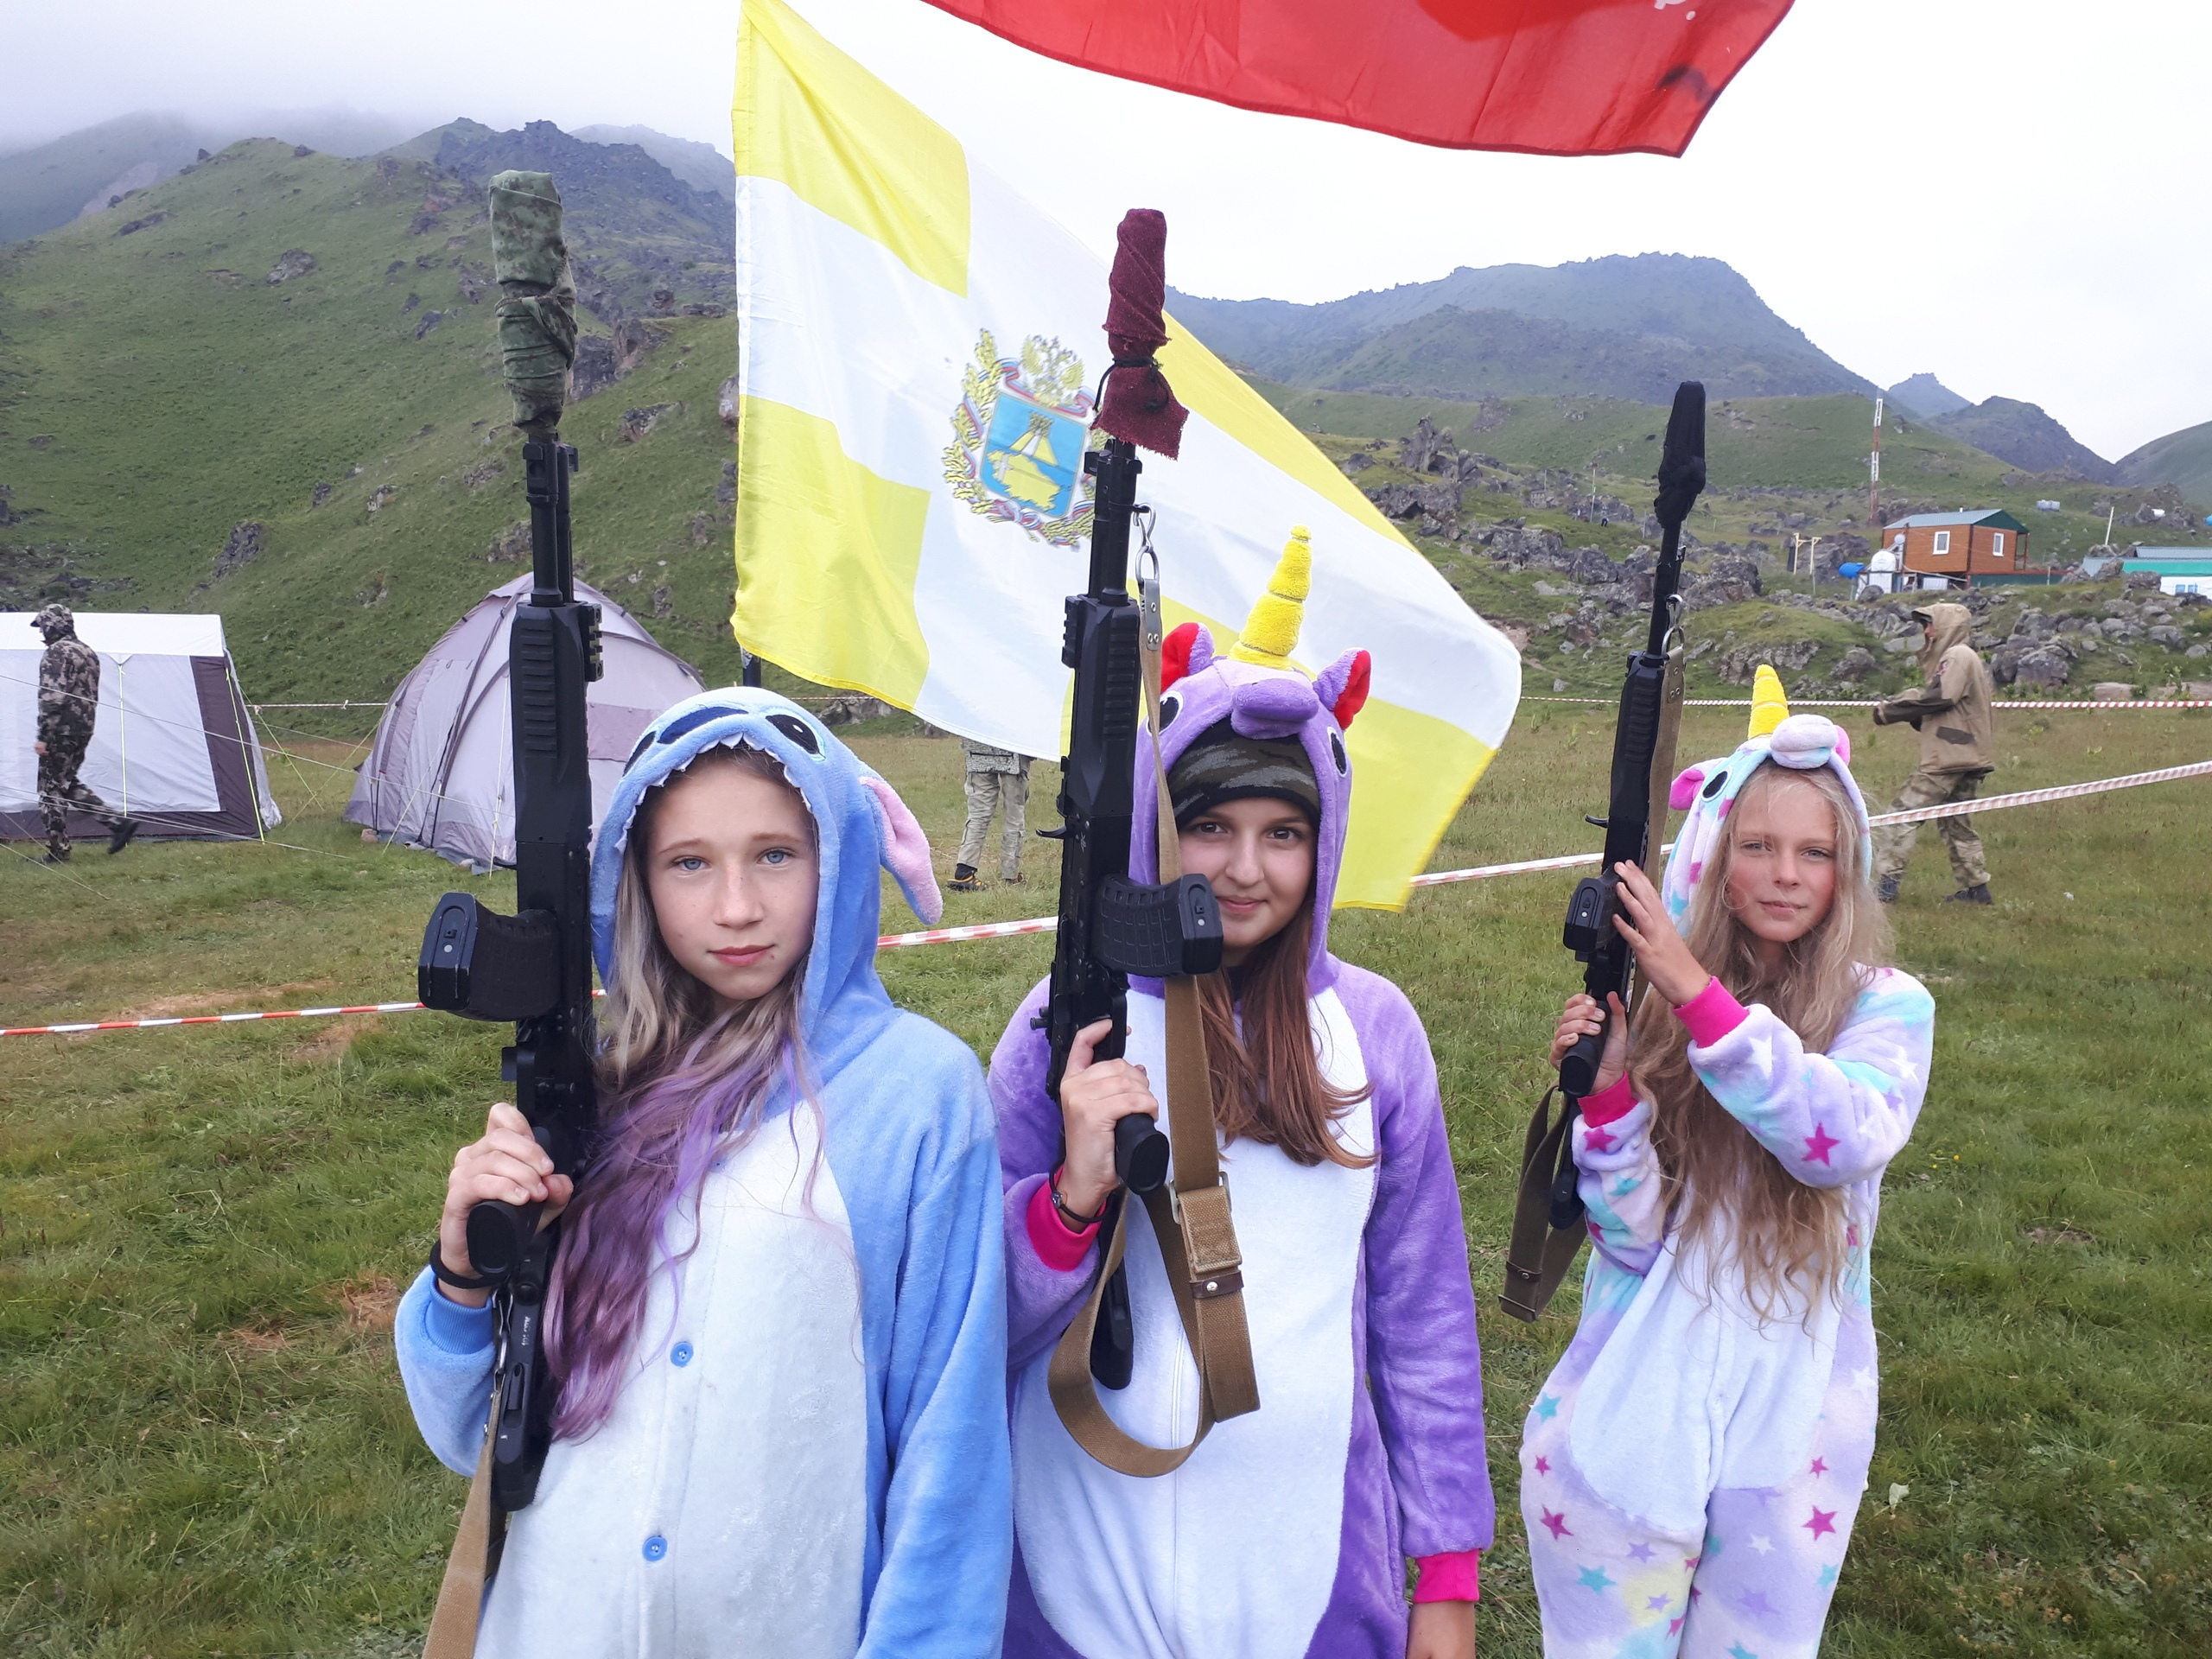 Камуфляжная вечеринка на Эльбрусе